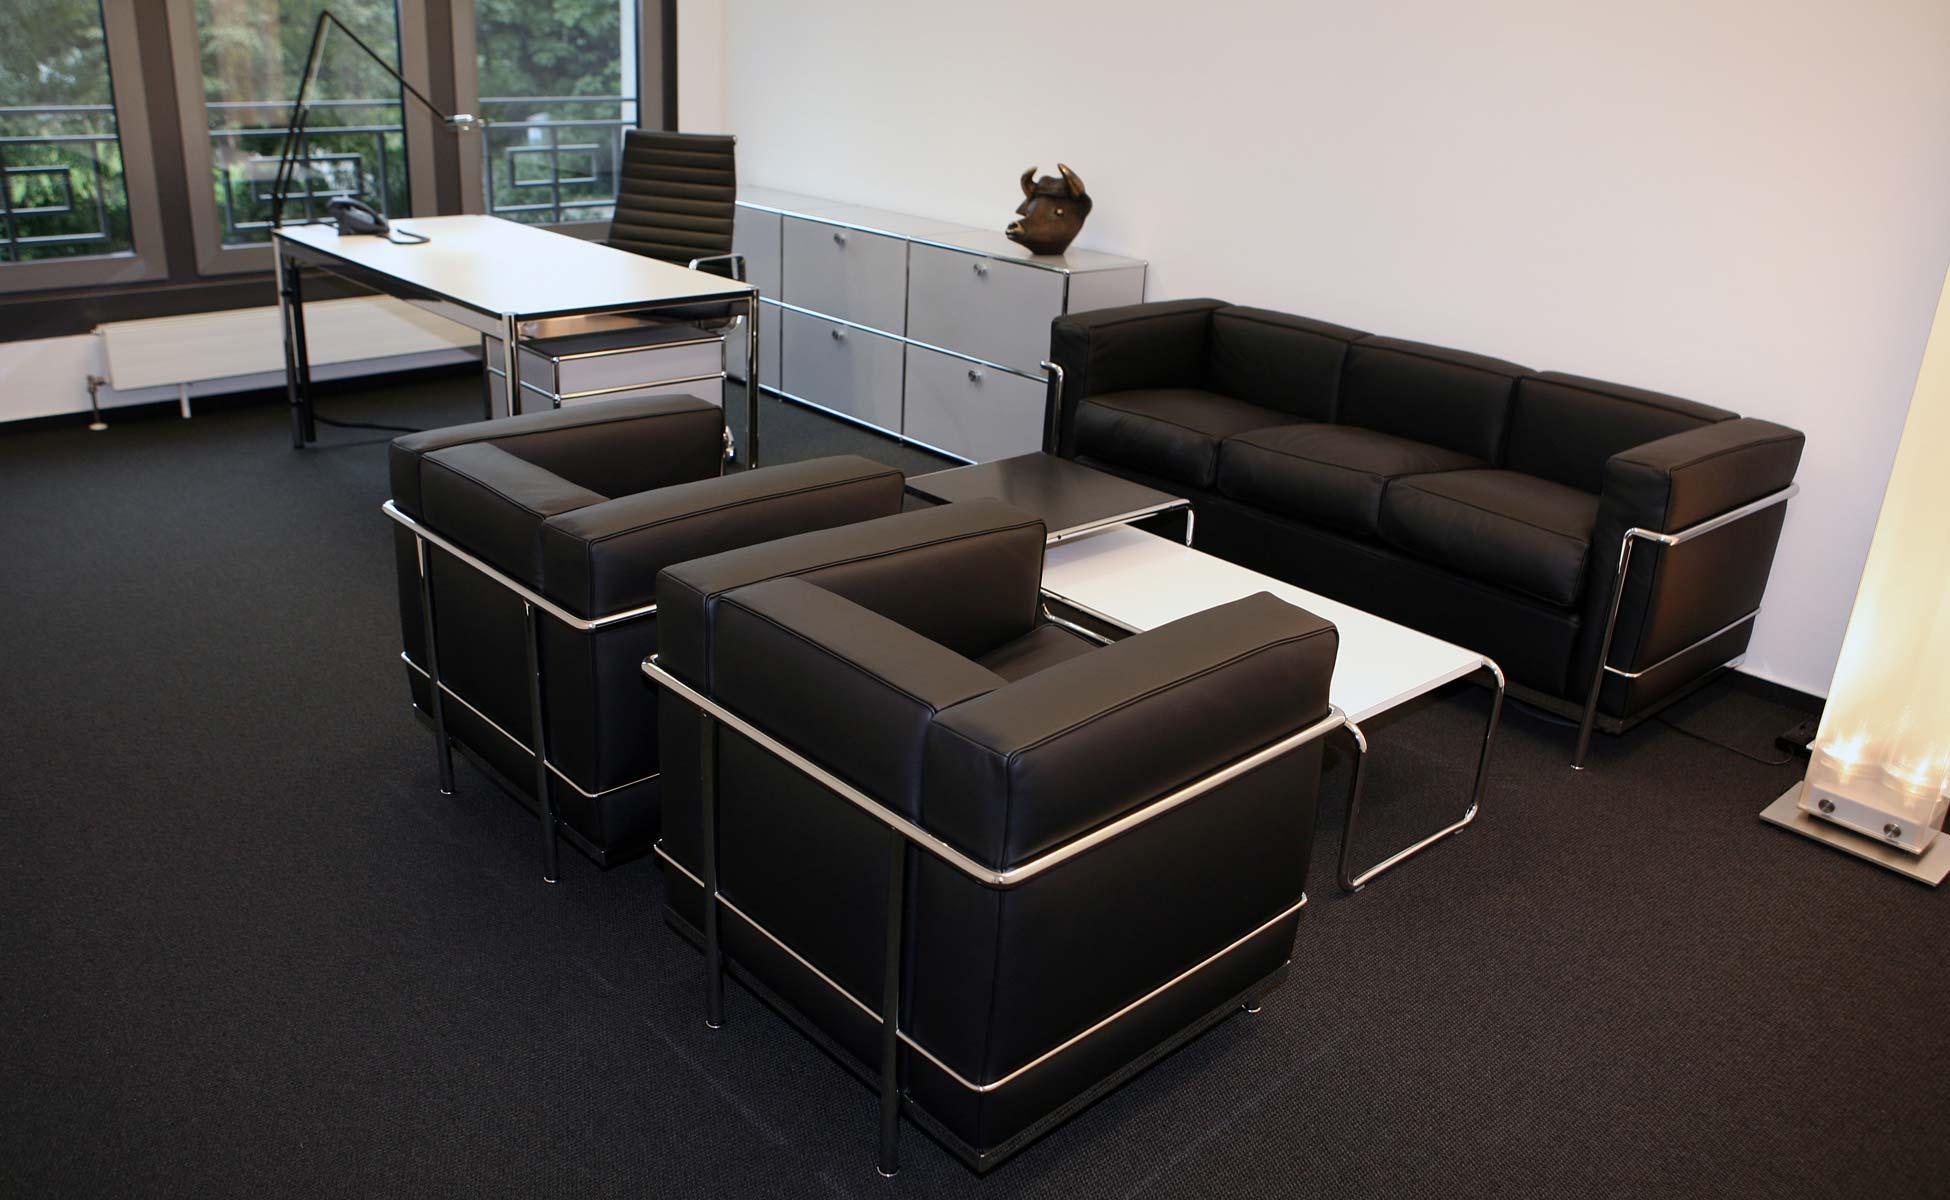 Büroeinrichtung - Knoll International Laccio Tisch von steidten+ Berlin